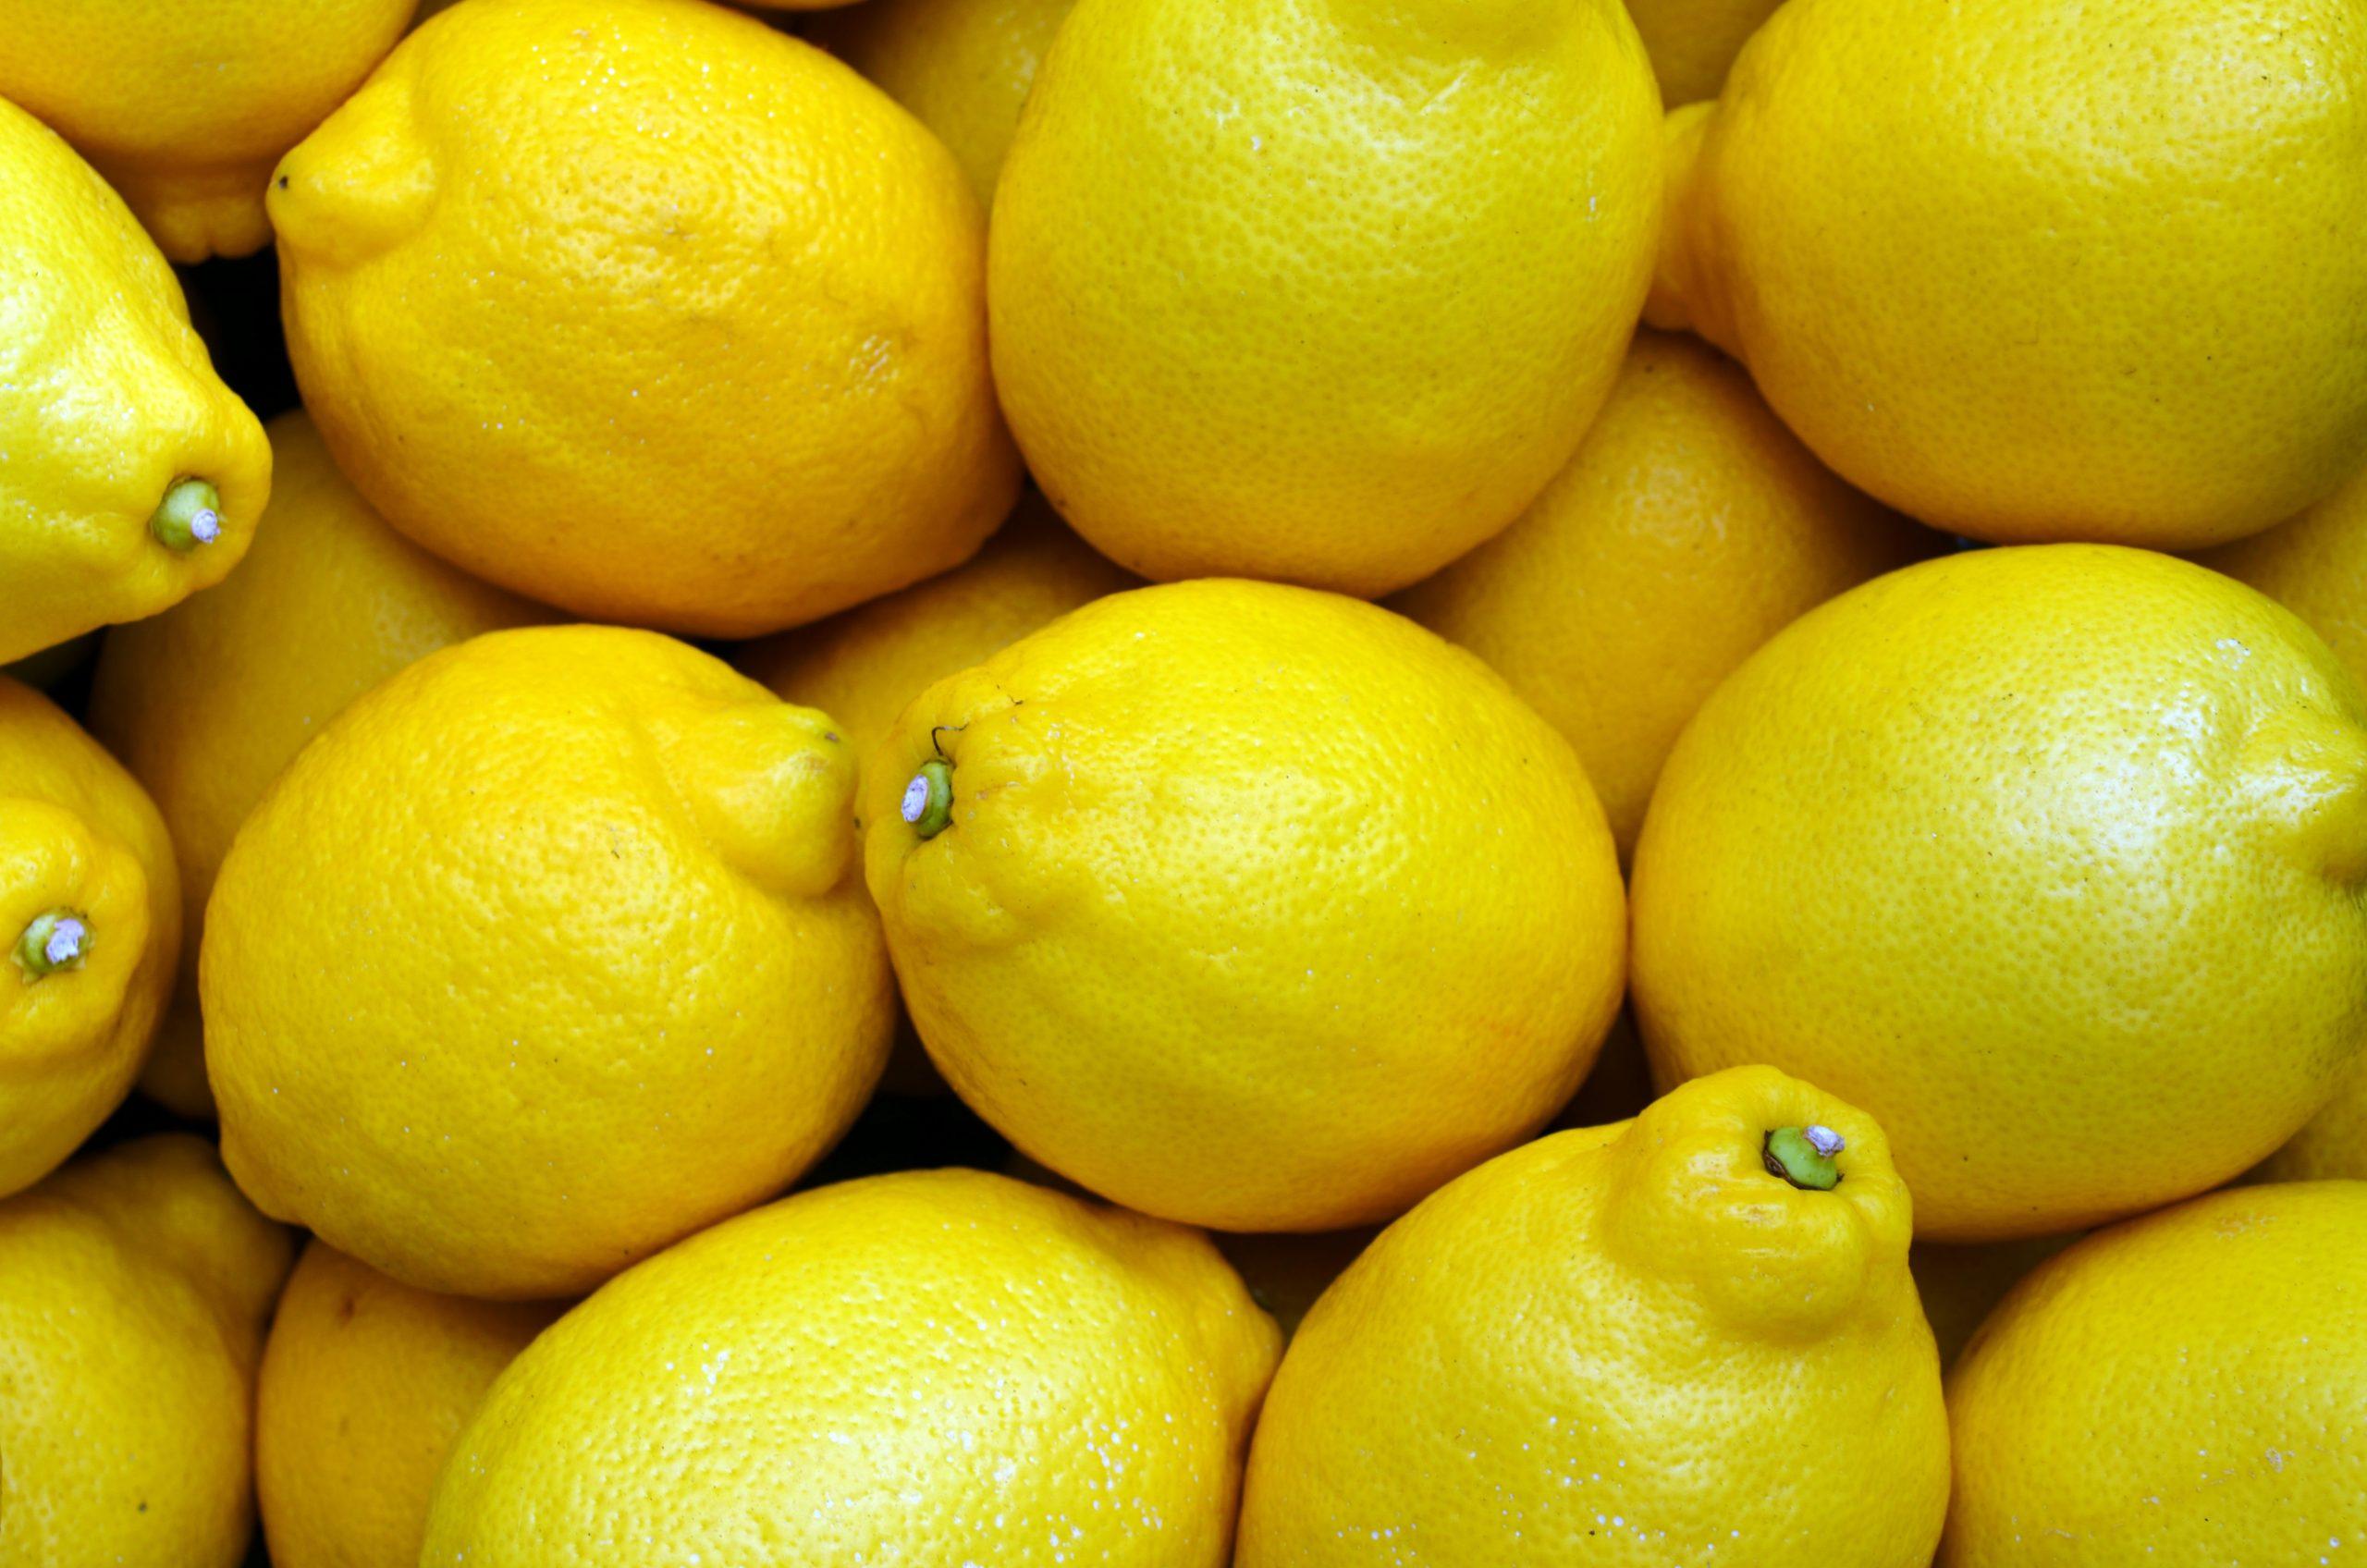 Los limones Verna llegan a los supermercados Mercadona